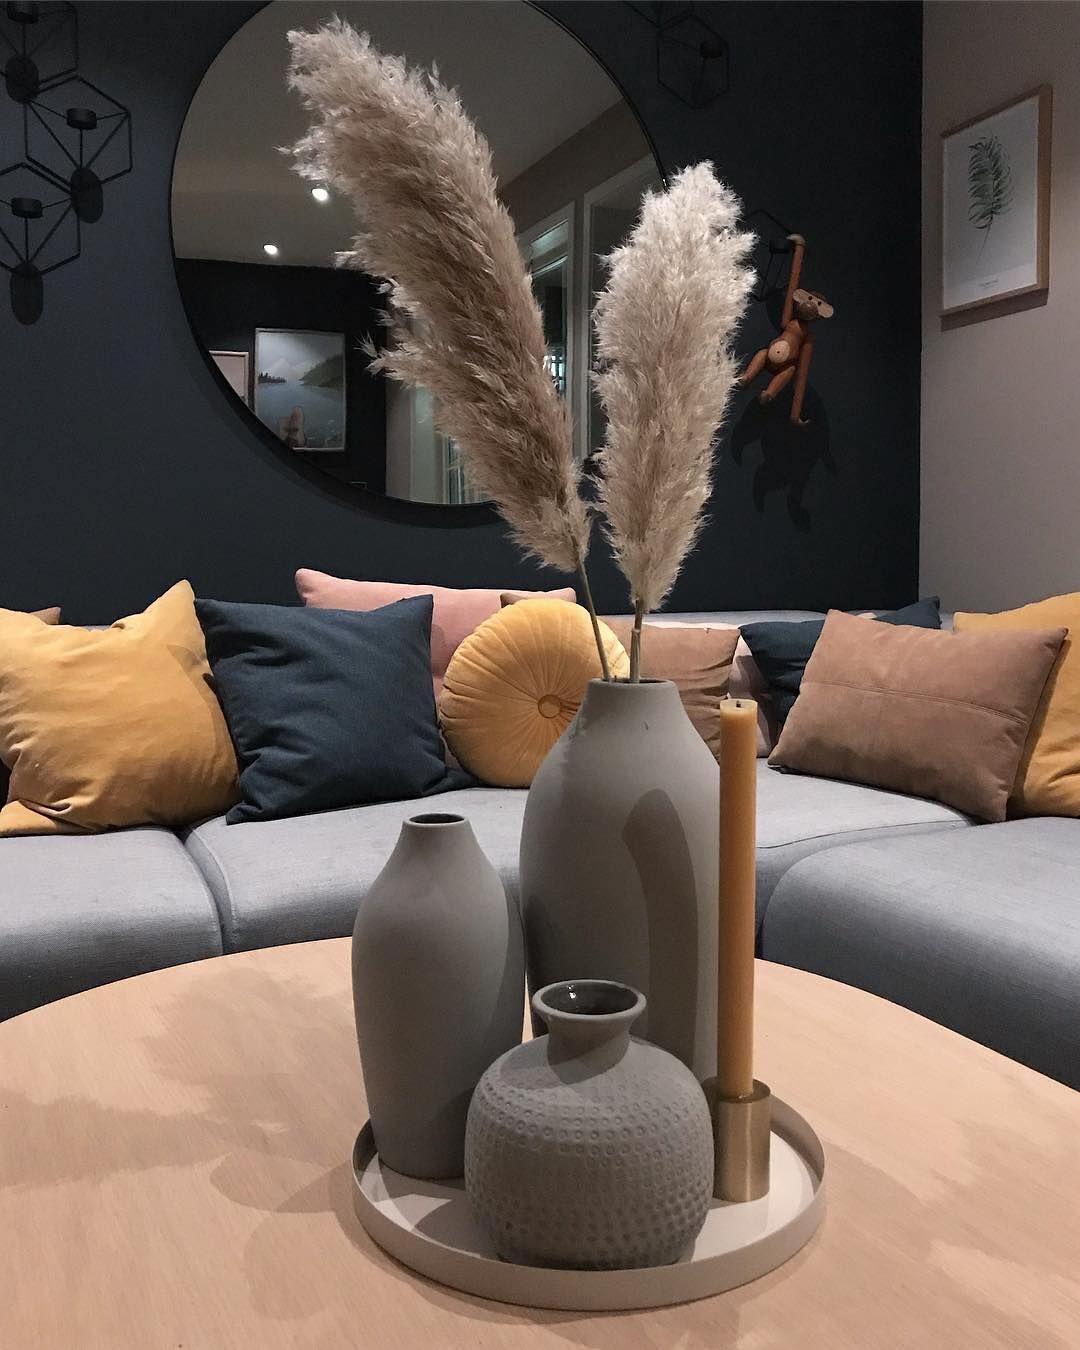 مجالس مطابخ Decor On Instagram Lindajohansen86 ديكور ديكورات مطبخ مطا Home Room Design Home Design Living Room Living Room Design Modern